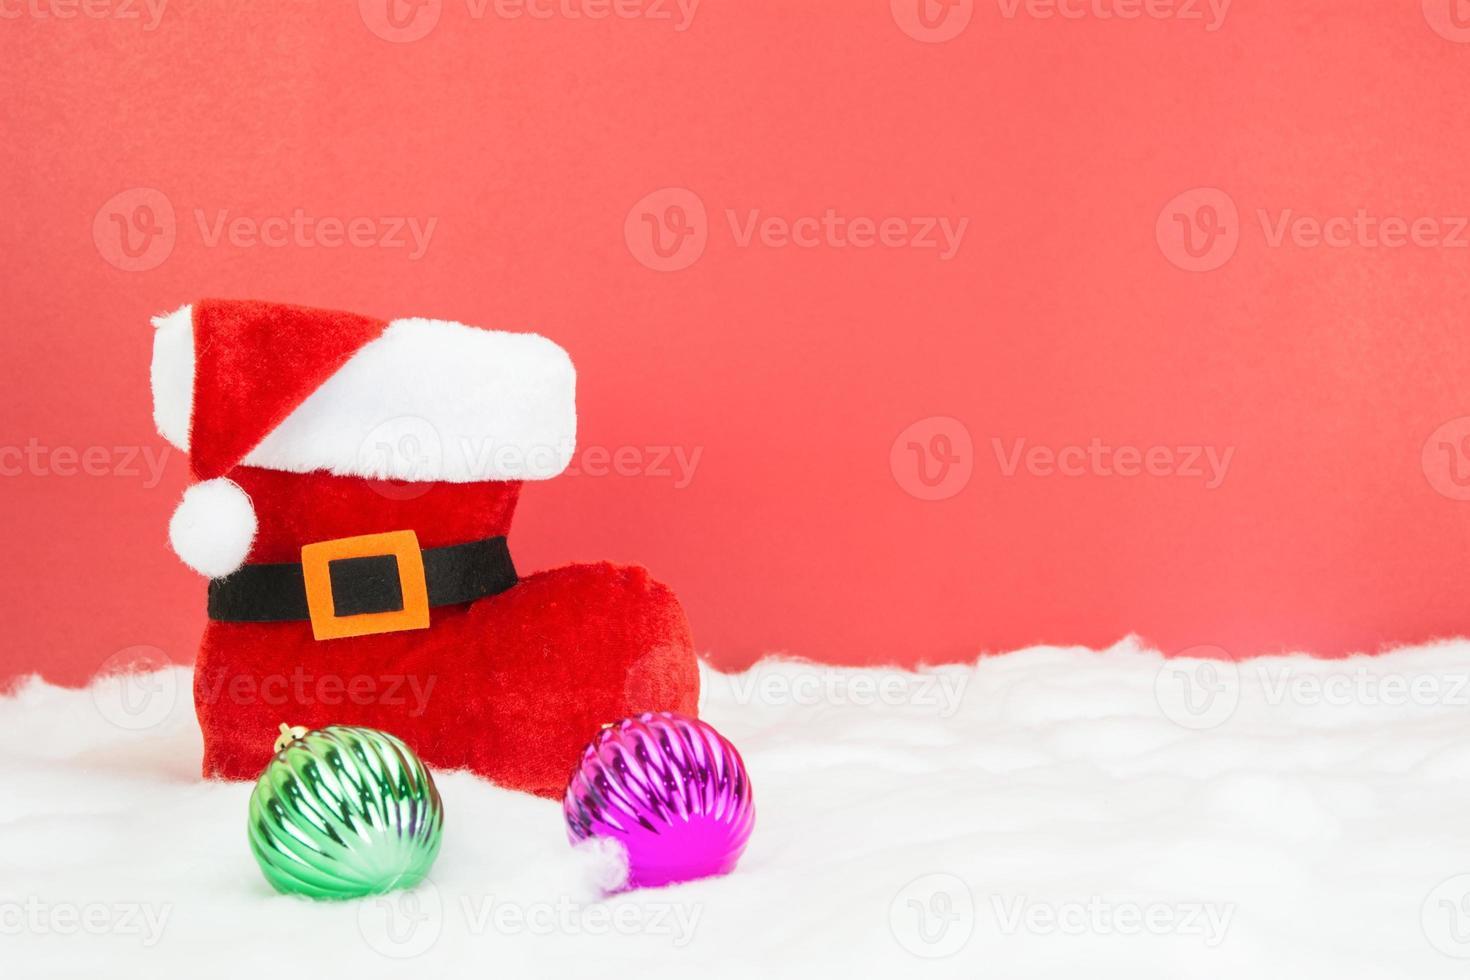 santalaarzen en witte Kerstmisballen op rode achtergrond, concept foto